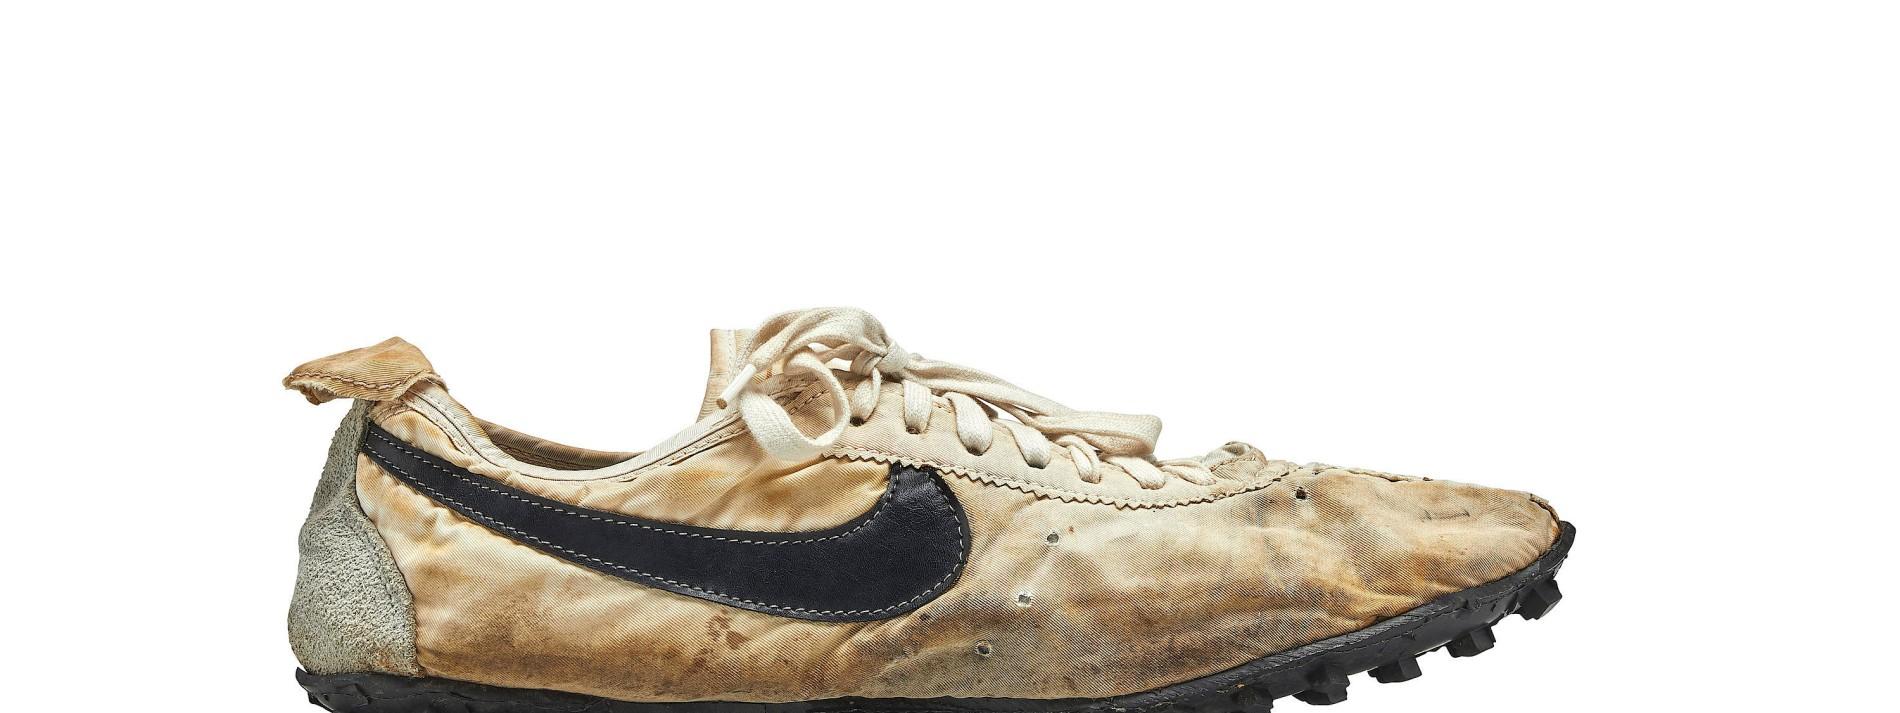 Nike Turnschuhe für Rekordpreis versteigert